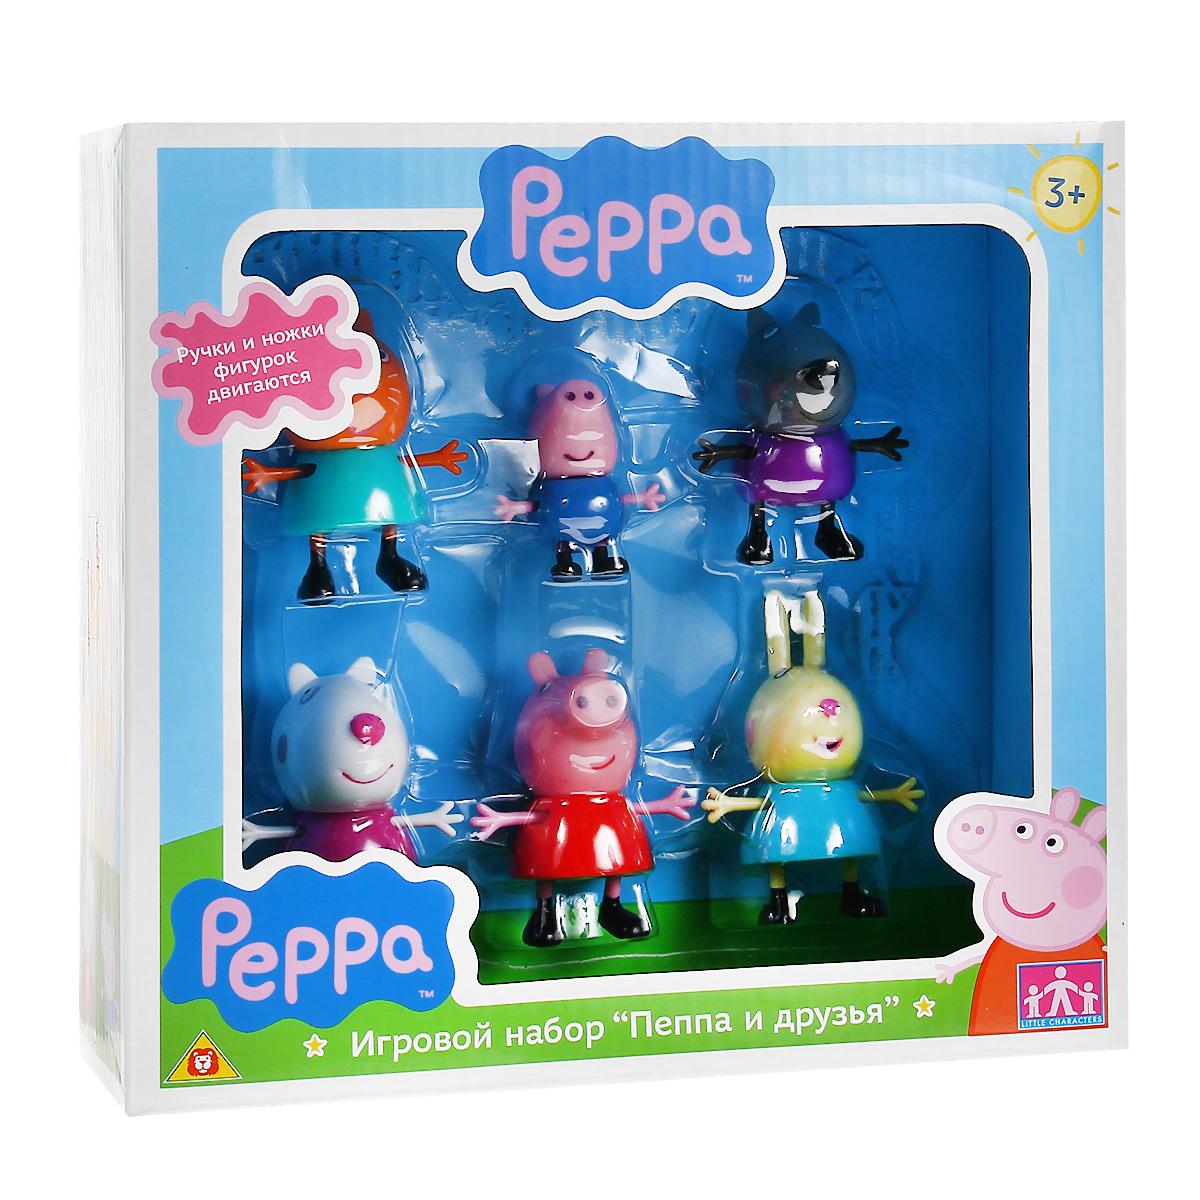 Набор фигурок Пеппа и друзья, 6 шт24312Набор фигурок Пеппа и друзья приведет в восторг вашего малыша. Дети обожают мультфильм Свинка Пеппа и, проводя время со своими друзьями, с удовольствием участвуют в ее приключениях. Набор включает в себя фигурки в виде Пеппы, Джорджа, котенка Кэнди, овечки Сьюзи, кролика Ребекка и щенка Дэни. Фигурки выполнены из пластика; они могут сидеть, стоять, двигать ручками и ножками. Благодаря небольшому размеру игрушки легко поместятся в карман одежды ребенка, поэтому малыш сможет не расставаться со своими новыми друзьями. Порадуйте своего ребенка таким замечательным подарком!